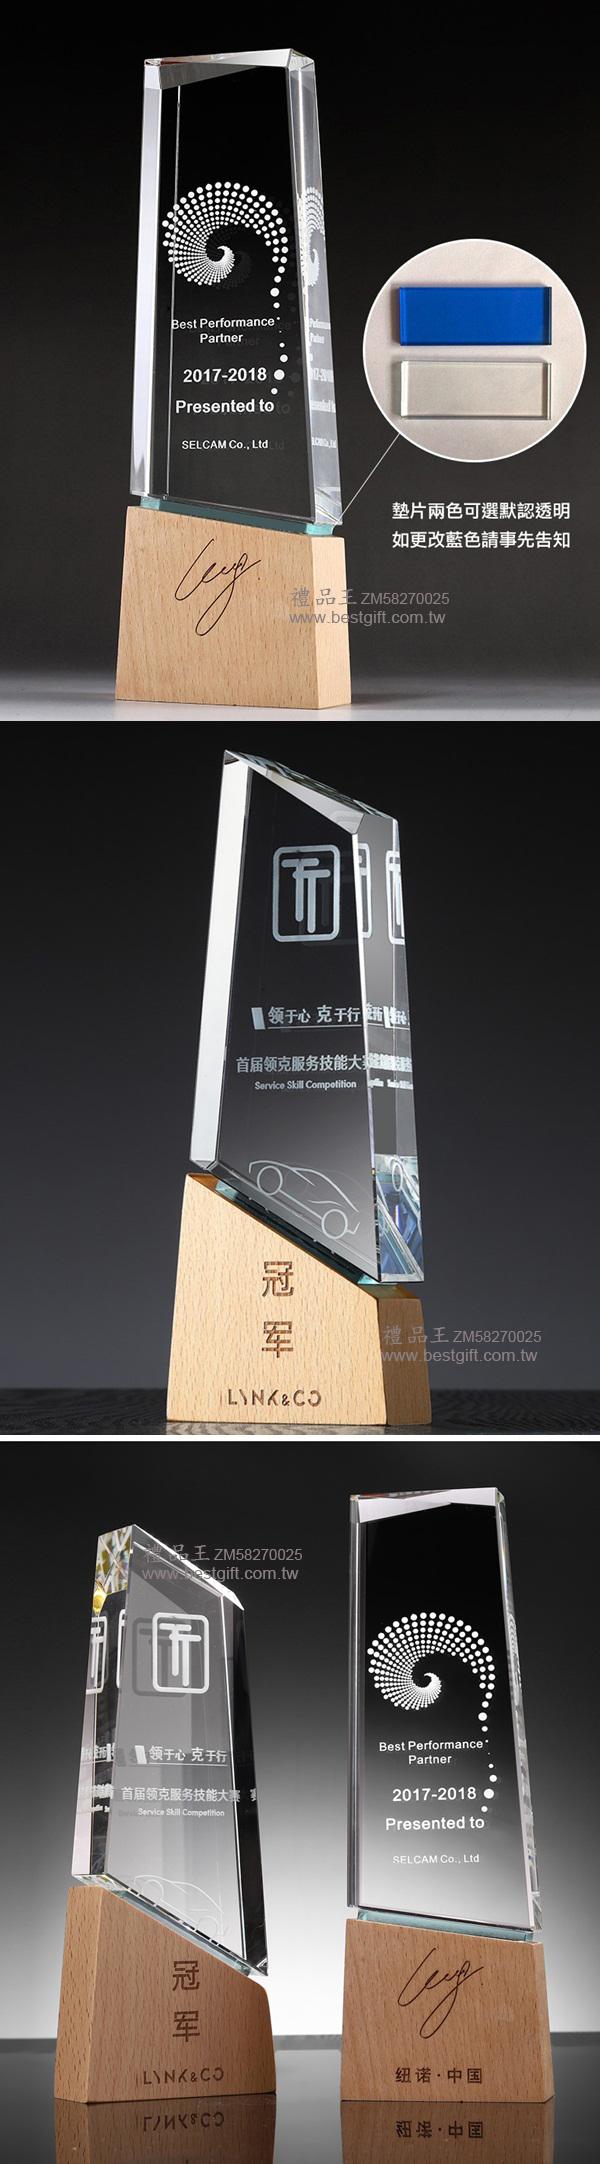 冠軍榮耀實木獎盃獎座  商品貨號: ZM58270025